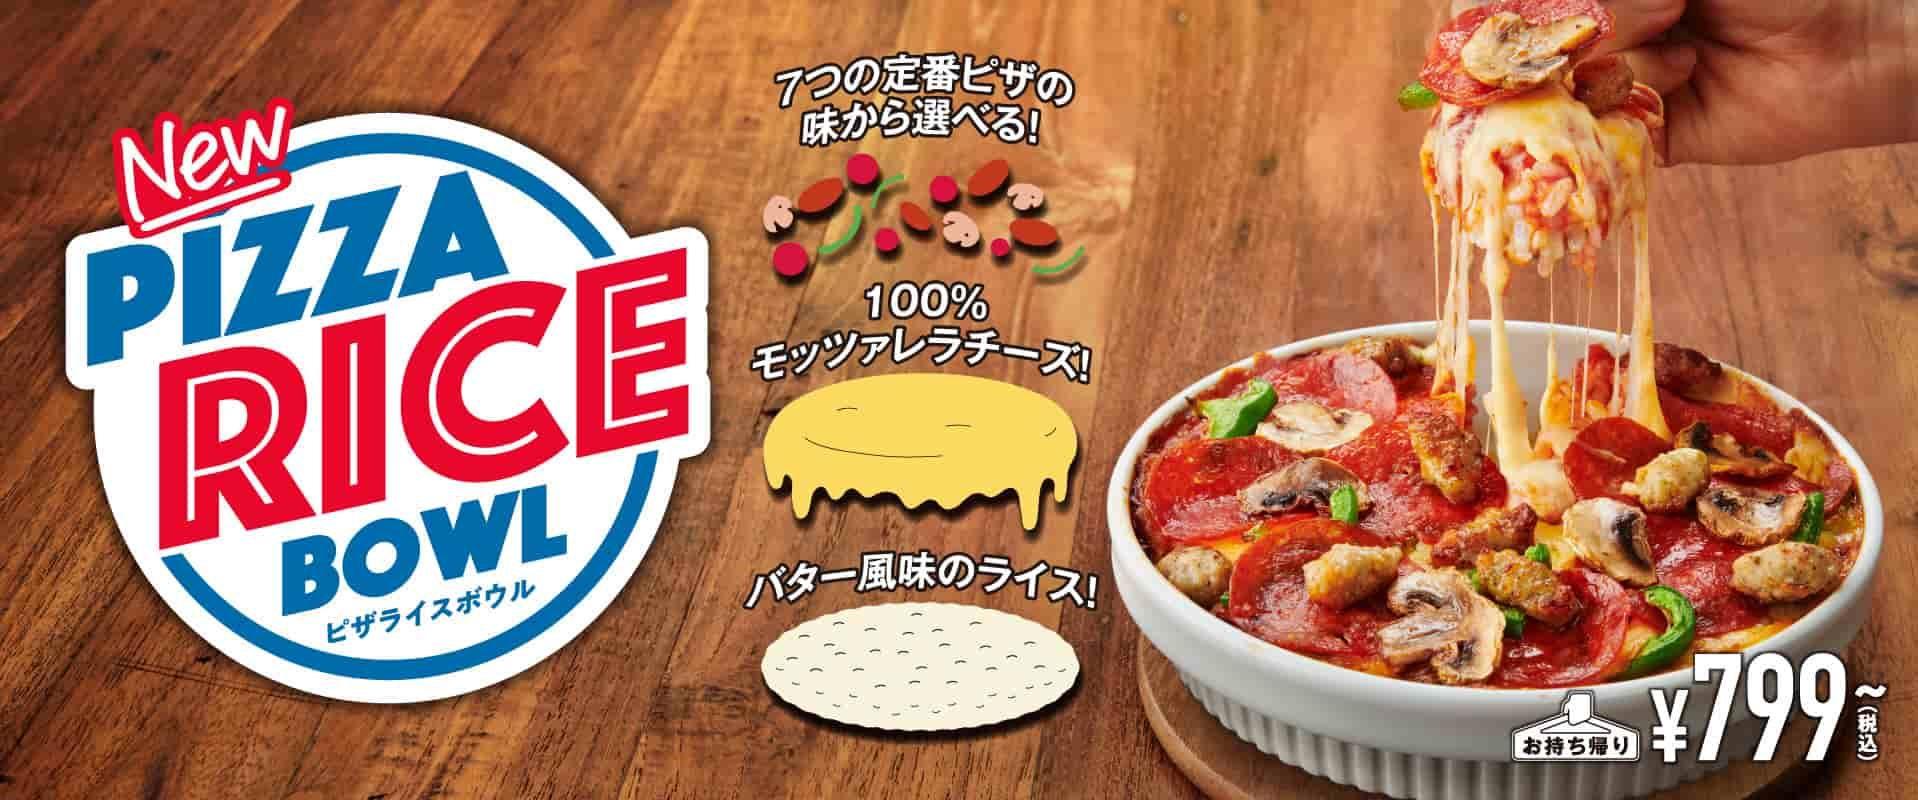 ピザは和食です ドミノ・ピザが禁断の新メニュー「ピザライスボウル」発売へ 5月19日から(1/2 ページ) - ねとらぼ